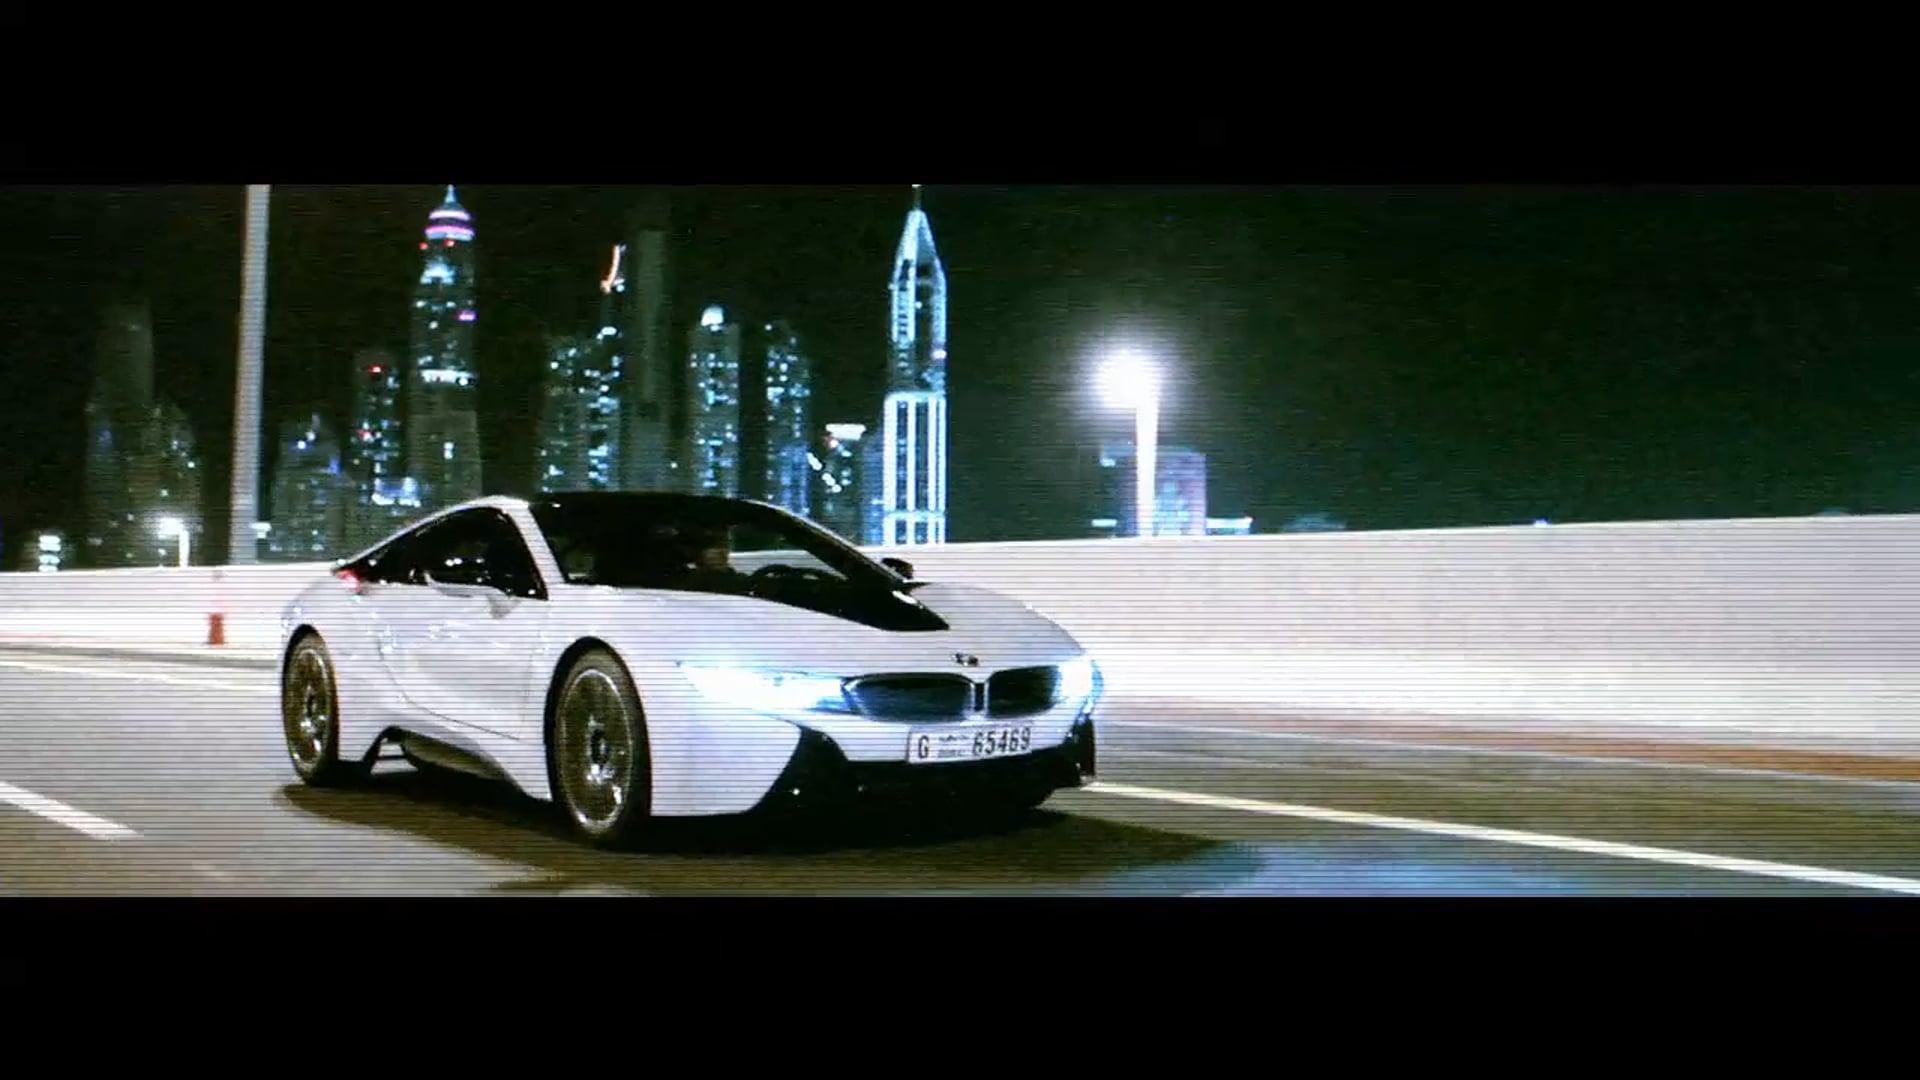 DUBAI NIGHTS BMW i8 ONLINE FILM FOR BMW MAGAZINE